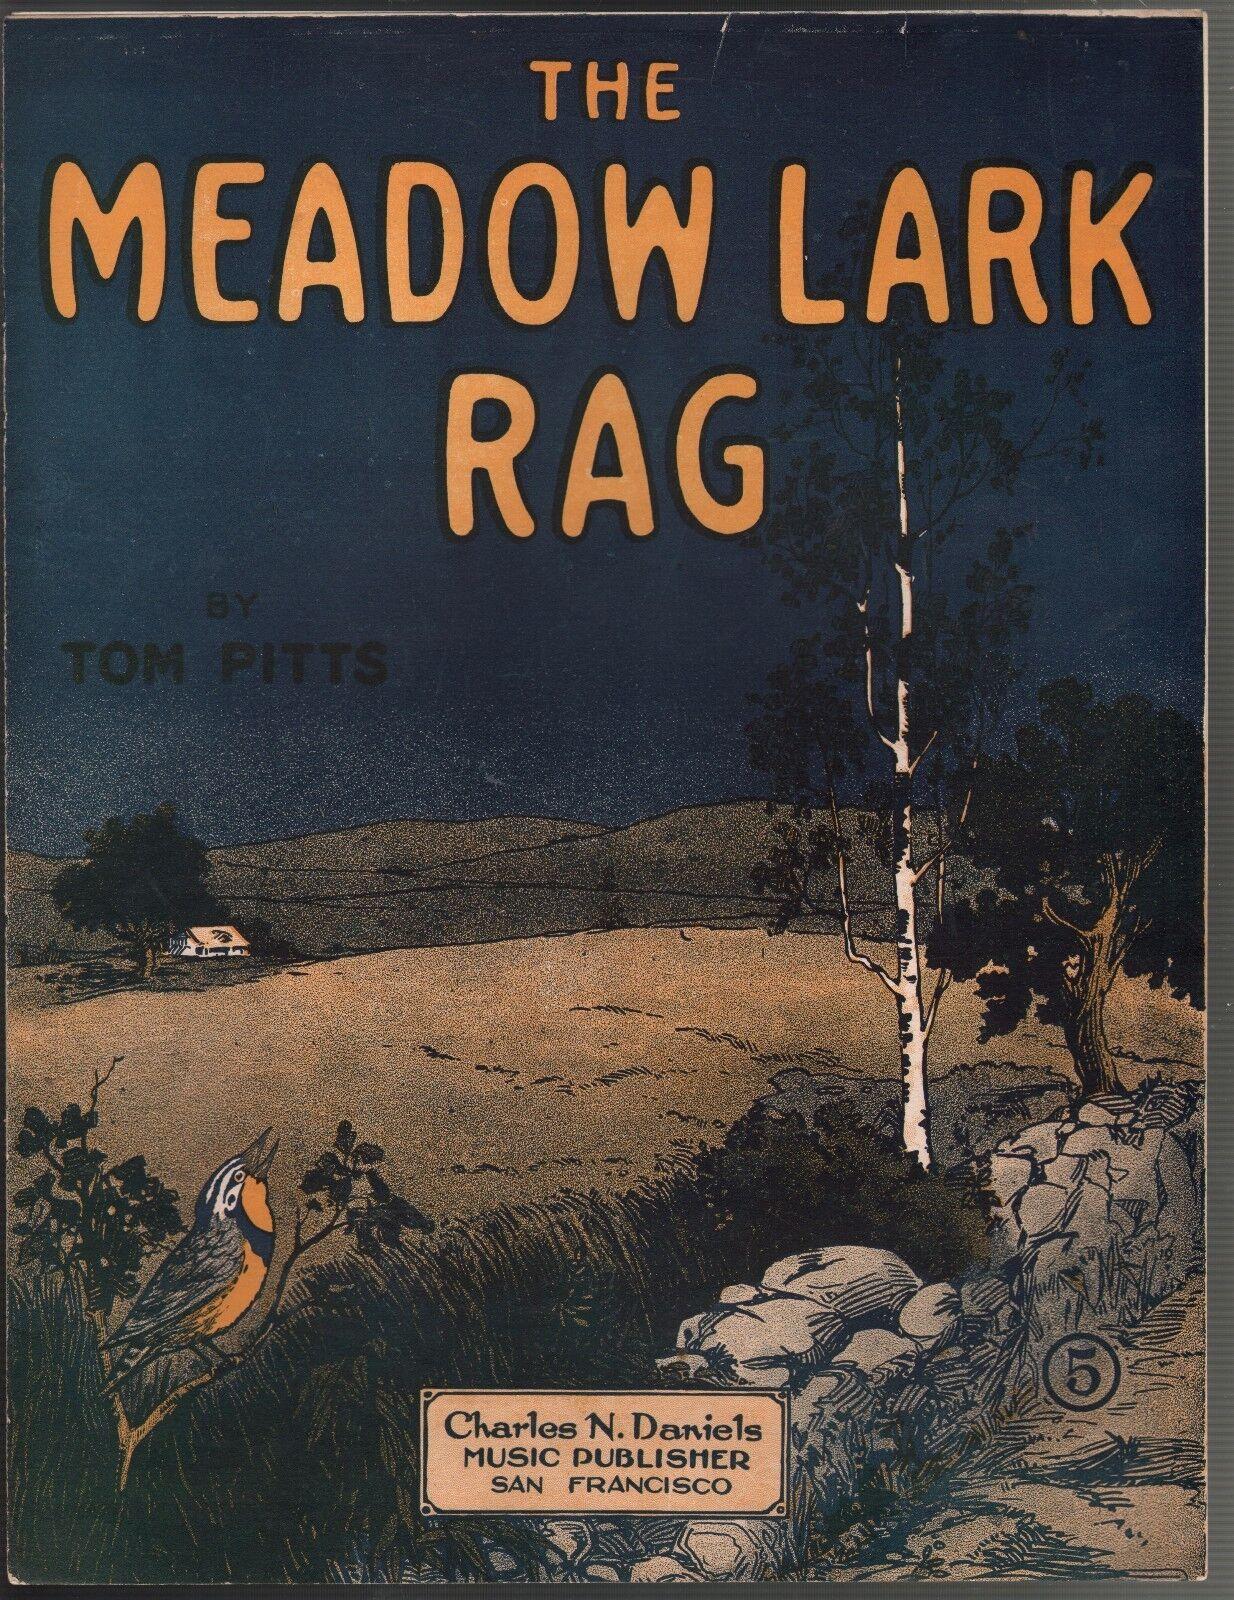 Meadow Lark Rag 1916 Large Format Sheet Music